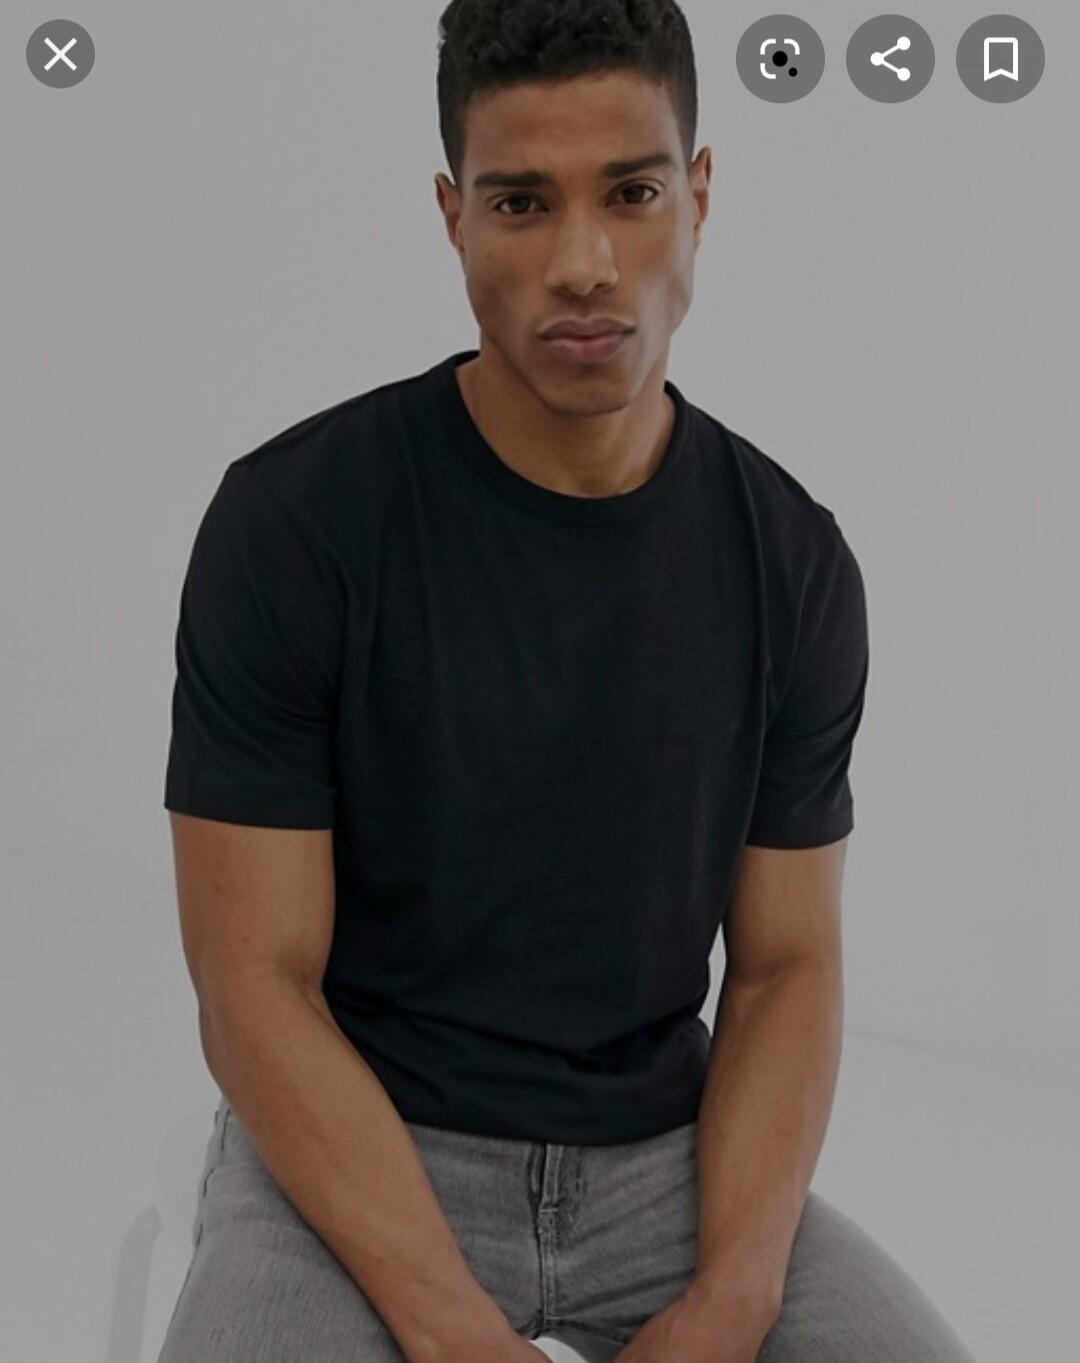 Asos Black Male Model Model Id Bellazon